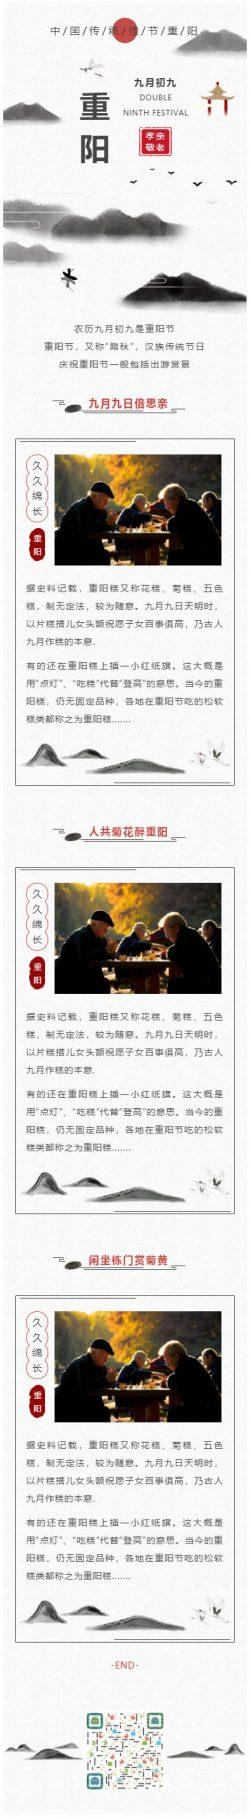 2020重阳节模板大全中国传统节日中国老人节敬老节微信模板公众号推文素材图文模板